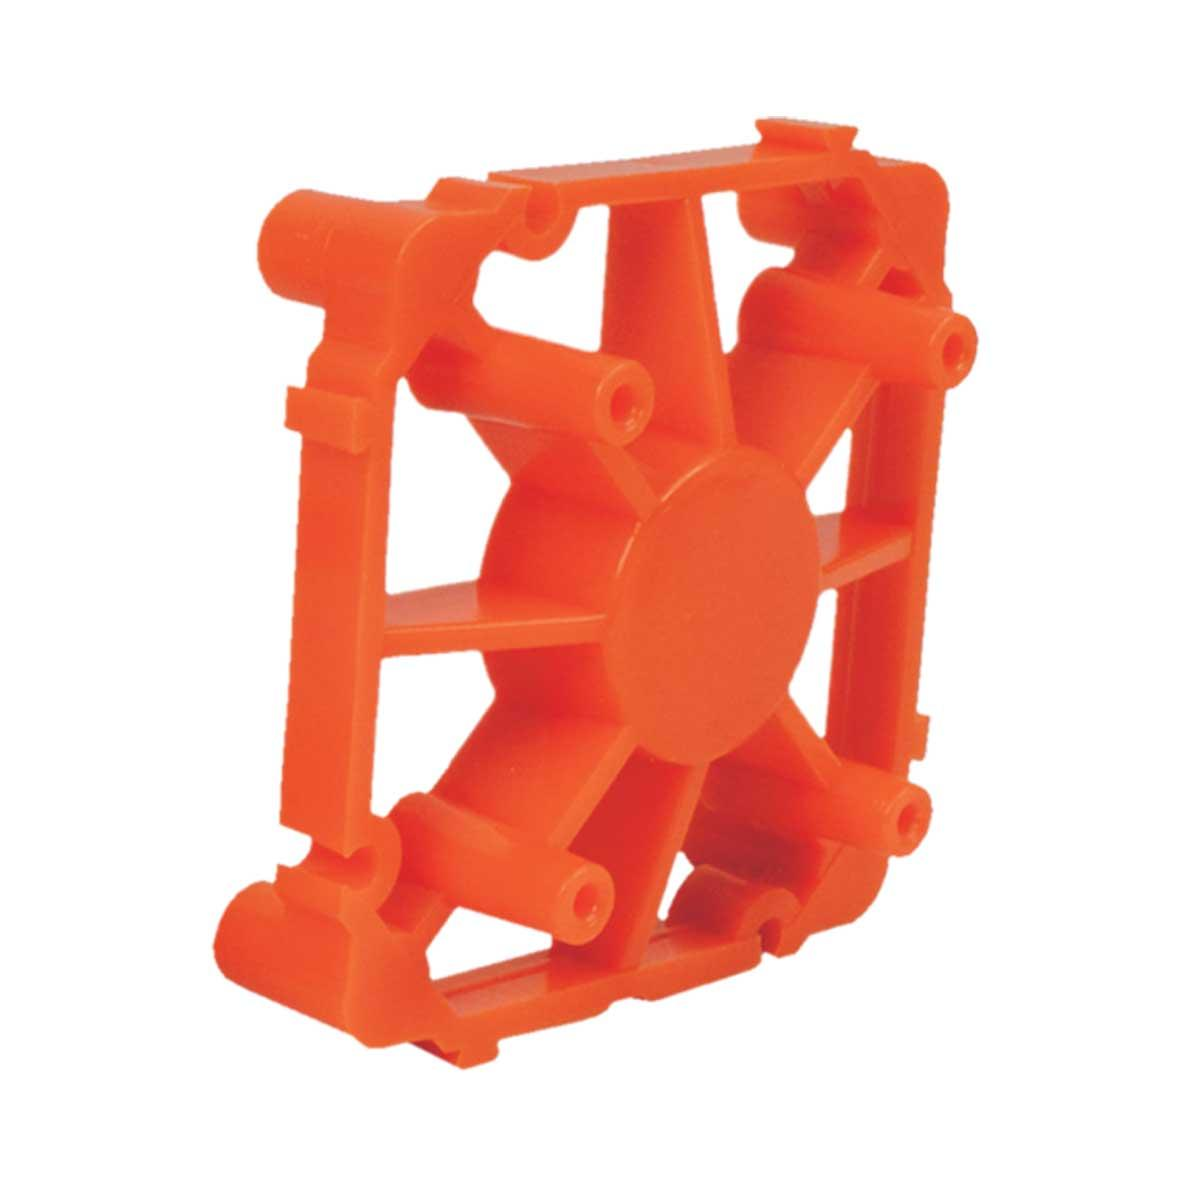 KBP-1/71_AB Підпірка коробки в бетоні